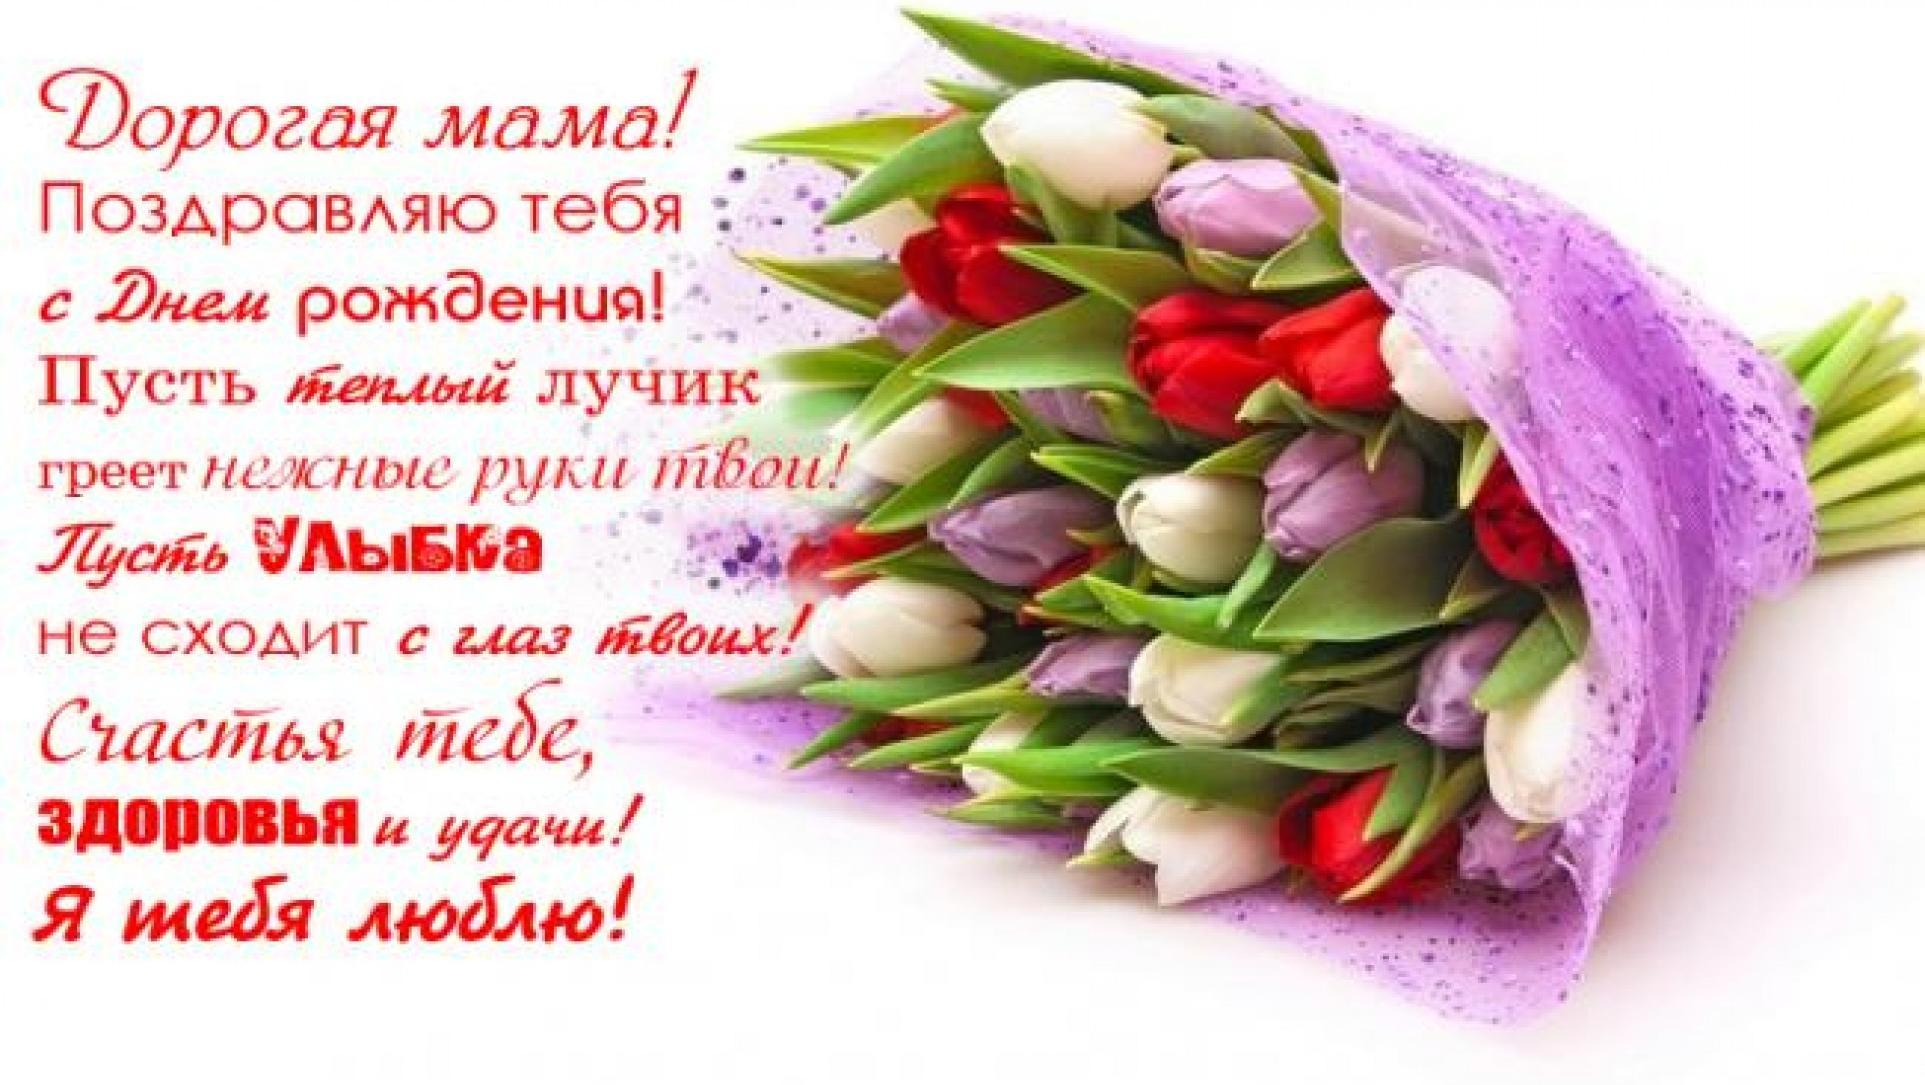 Поздравление с днем рождения маме на рождения сына